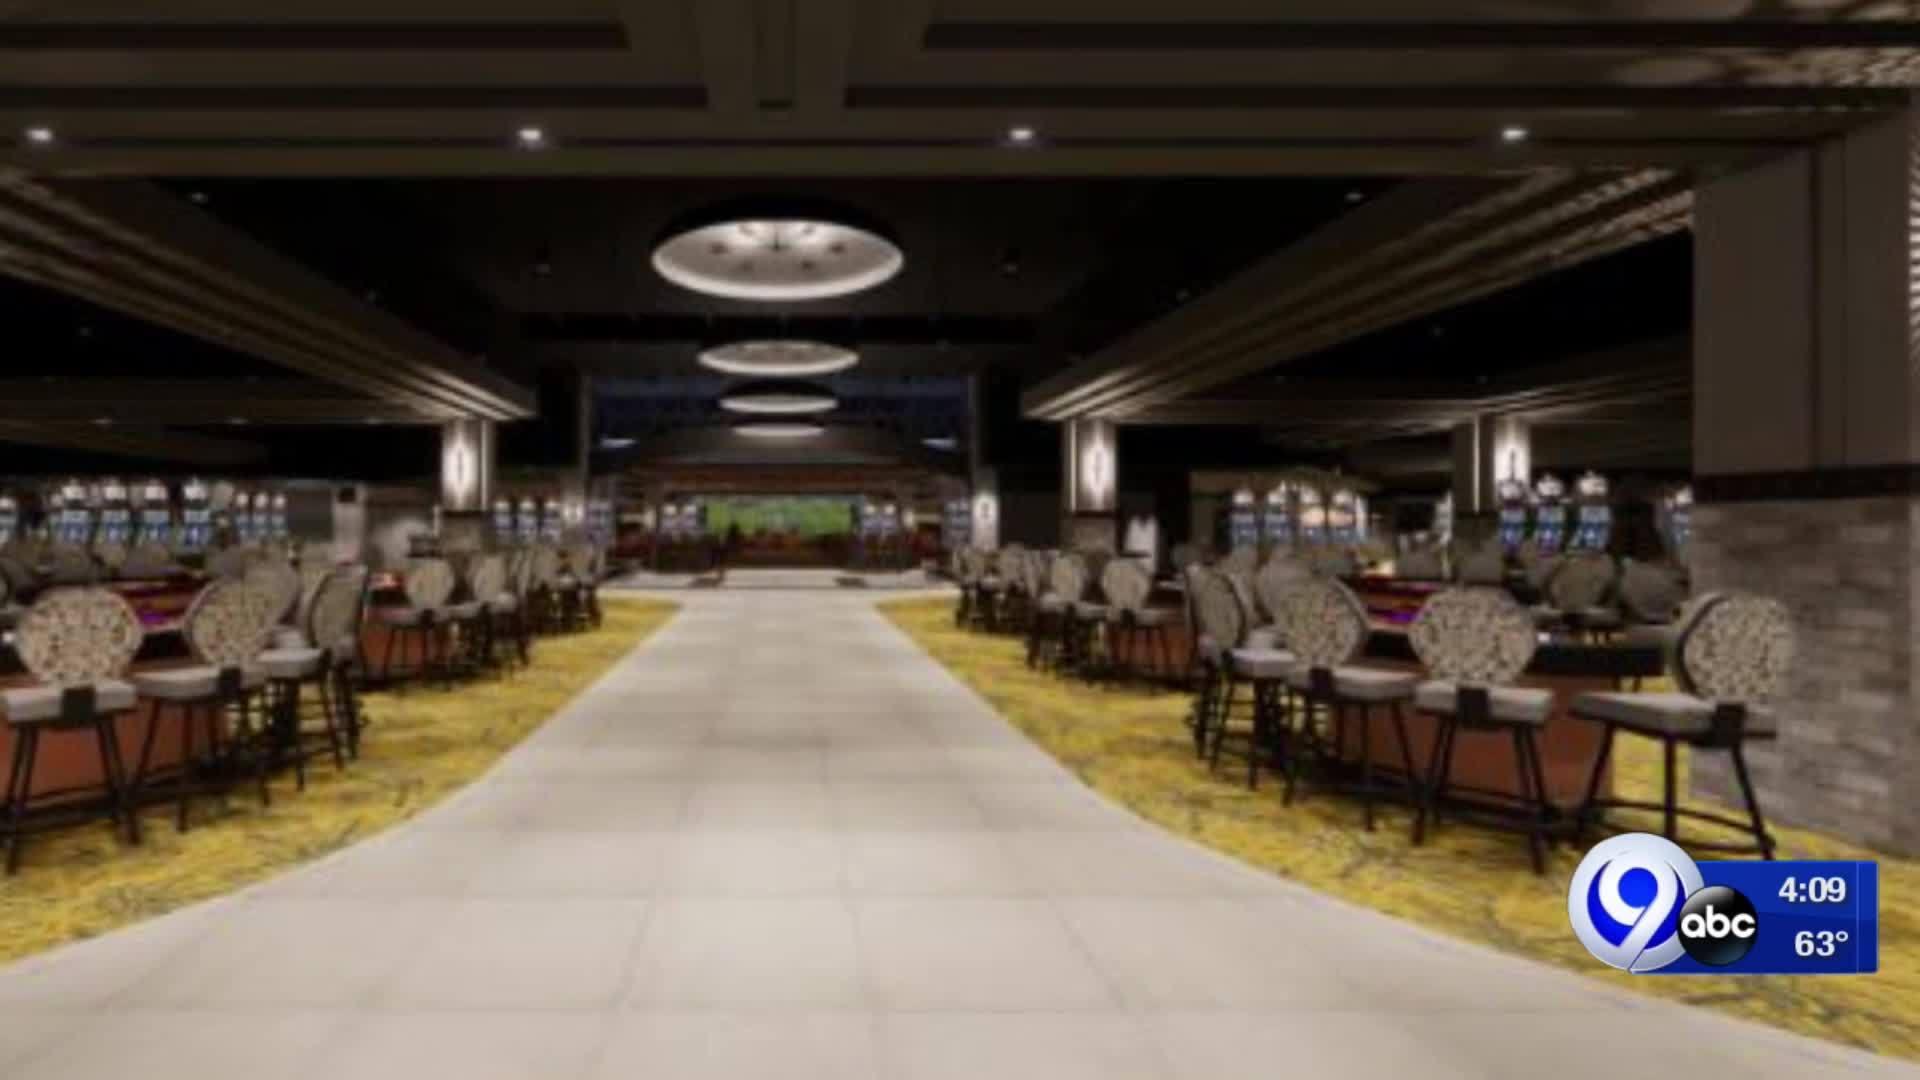 Yellowbrick_Road_Casino_undergoing_renov_8_20190604202238